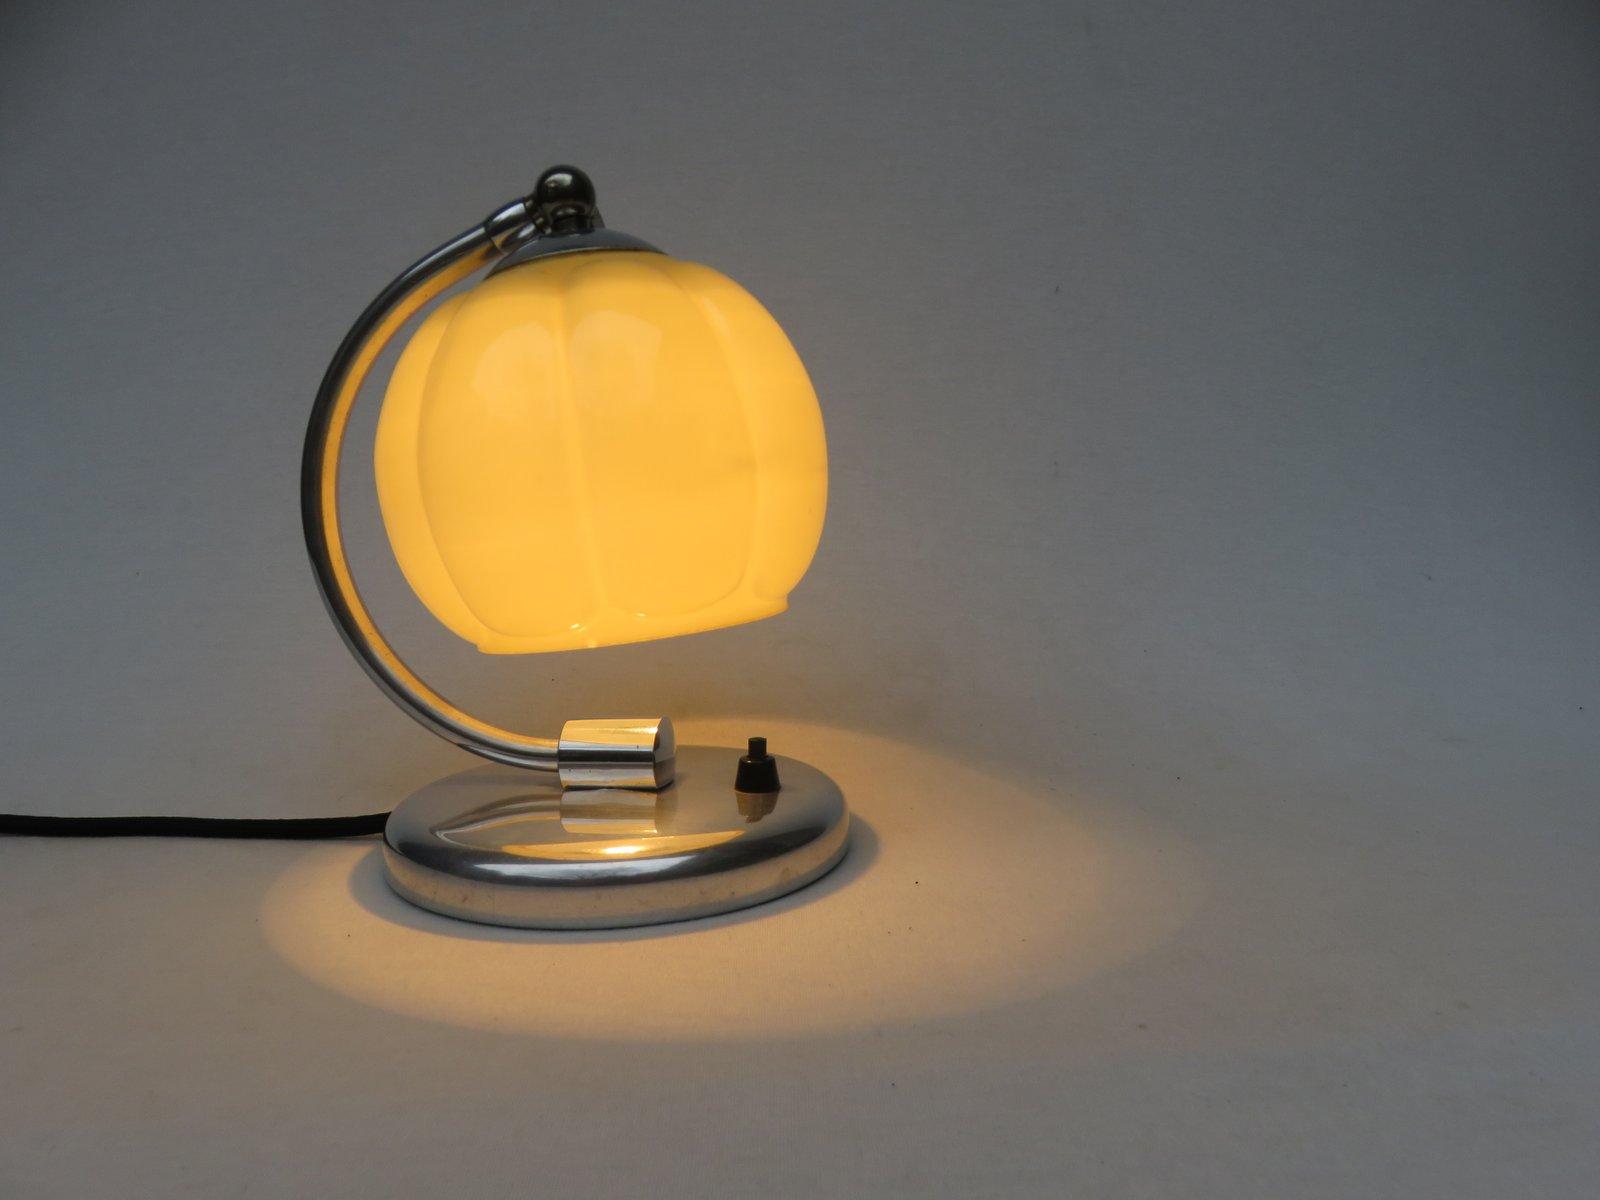 Lampes De Chevet Art Deco En Aluminium Set De 2 En Vente Sur Pamono